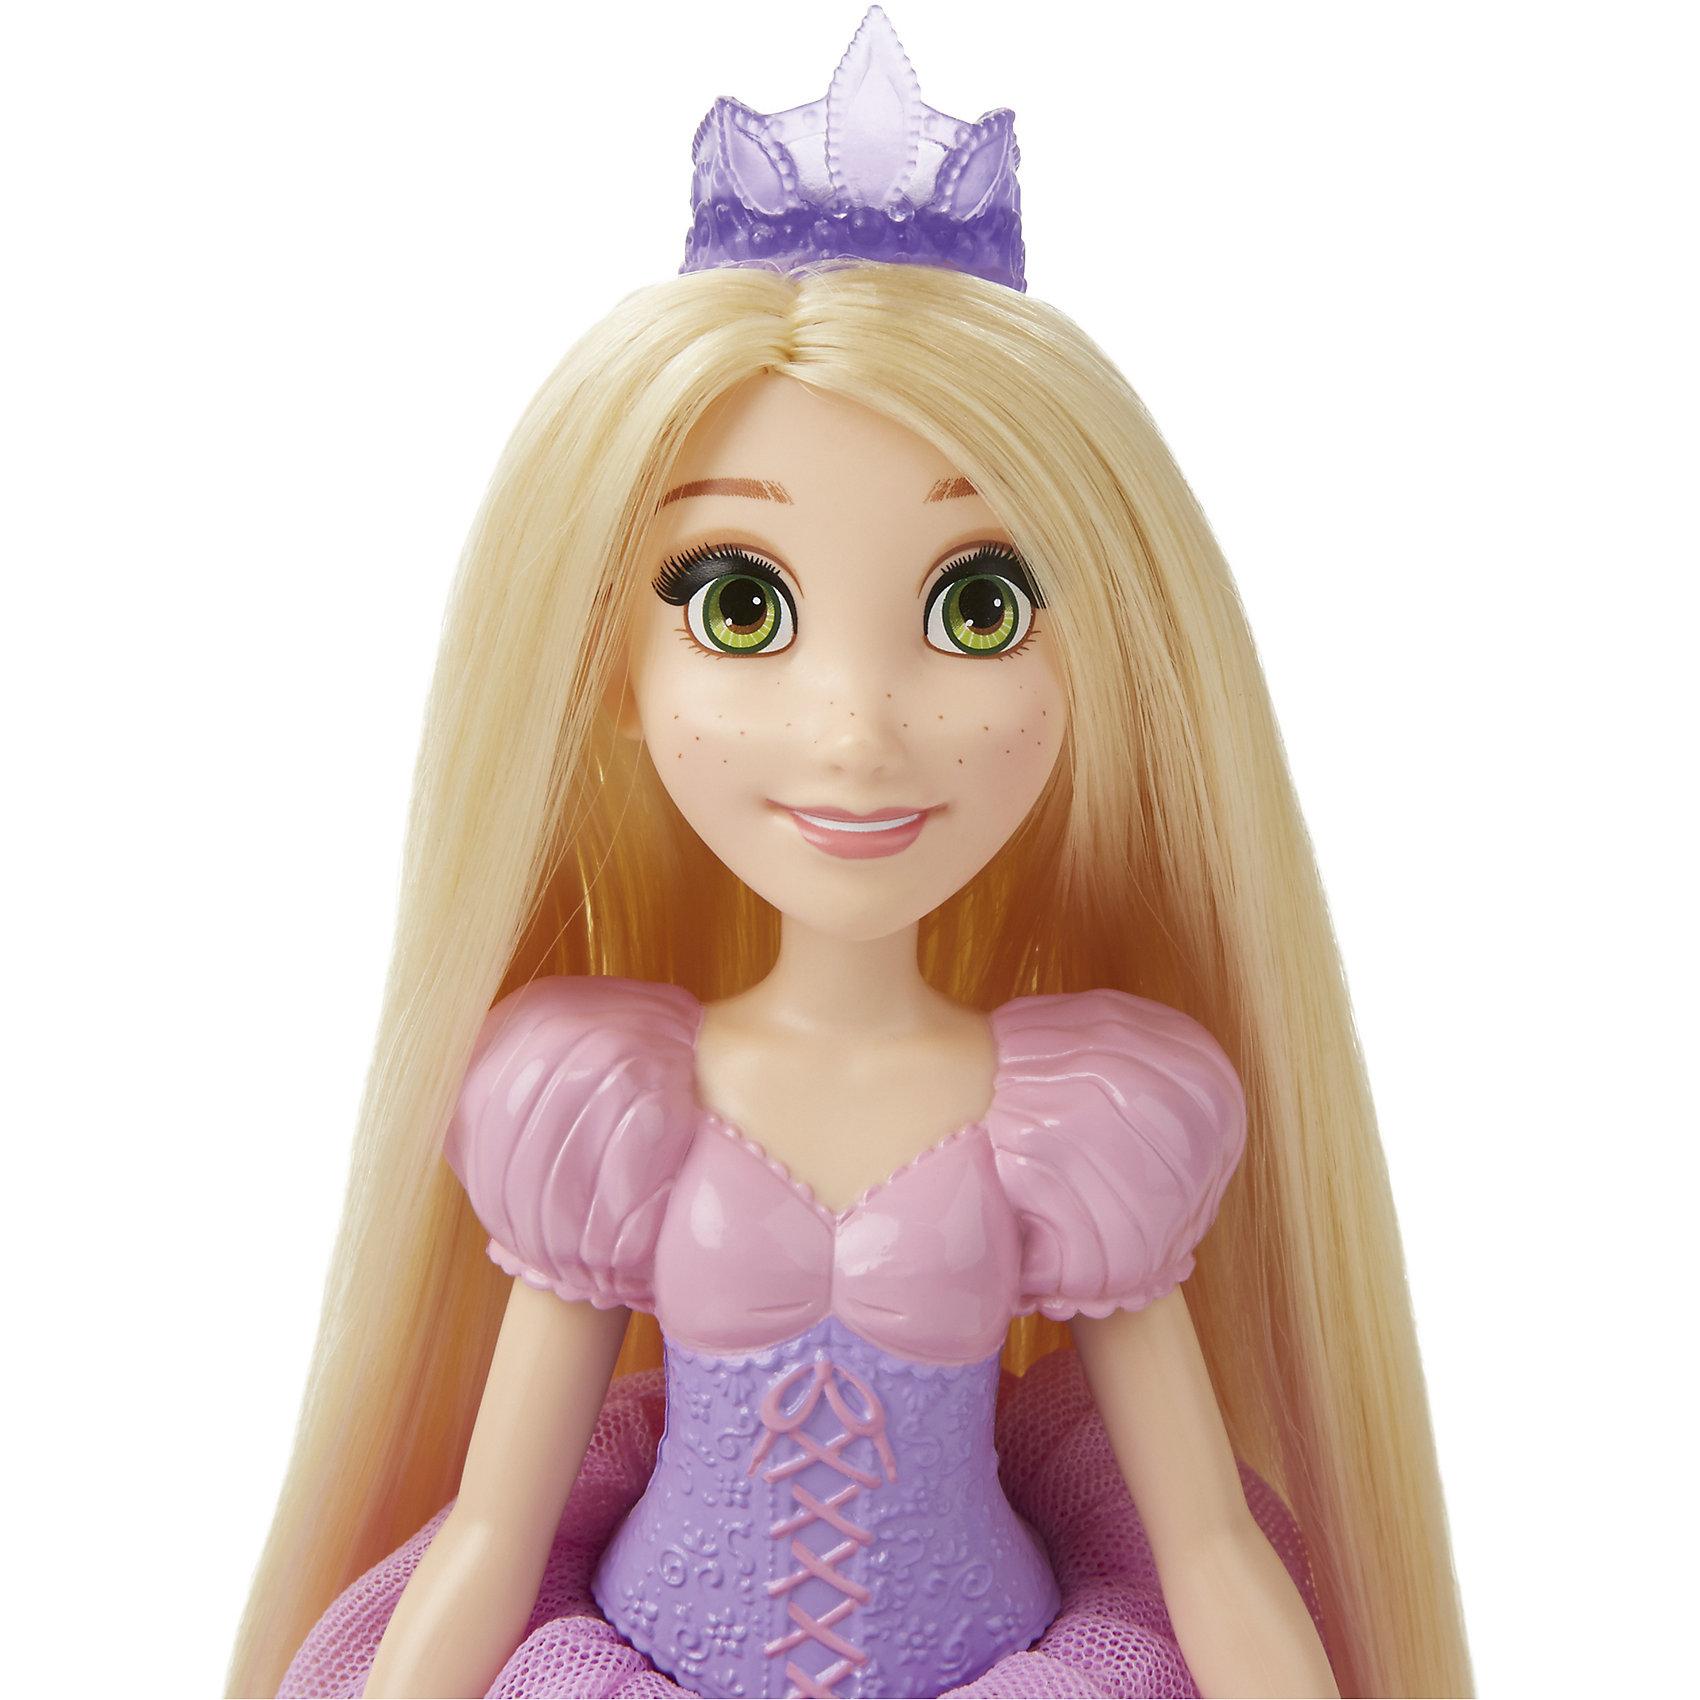 Куклы Принцесса Рапунцель для игры с водой, Принцессы Дисней, B5302/B5304Игрушки<br>Куклы Принцессы Рапунцель для игры с водой, Принцессы Дисней, B5302/B5304.<br><br>Характеристики:<br><br>- В наборе: кукла, ложечка для мыльных пузырей<br>- Раствор для выдувания пузырей не входит в комплект<br>- Материал: высококачественный пластик, текстиль<br>- Высота куклы: 28 см.<br>- Размер упаковки: 15,2х6,4х35,6 см.<br><br>Очаровательная кукла в виде Рапунцель, героини одноименного мультфильма, от торговой марки Hasbro (Хасбро) станет любимой игрушкой вашей маленькой принцессы. Кукла имеет высокую степень детализации, даже самые мелкие детали качественно прорисованы. Рапунцель одета в красивое розовой платье с рукавами-фонариками. На голове у Рапунцель - тиара, как и полагается настоящей принцессе. Однако она не только выполняет декоративную функцию, но и является уникальным игровым аксессуаром - из нее можно пускать самые настоящие мыльные пузыри! Для этого нужно залить мыльный раствор в отверстие в спине куклы, которое закрывается герметичной крышкой, а затем надавить на куклу. Кроме того, с помощью аксессуара, входящего в комплект, можно пускать мыльные пузыри обычным способом. Руки, ноги и голова куклы подвижны, а ее роскошные, длинные волосы можно расчесывать и укладывать в различные прически. Кукла изготовлена из прочного пластика, а ее одежда пошита из высококачественного текстиля.<br><br>Куклу Принцессы Рапунцель для игры с водой, Принцессы Дисней, B5302/B5304 можно купить в нашем интернет-магазине.<br><br>Ширина мм: 64<br>Глубина мм: 152<br>Высота мм: 1700<br>Вес г: 183<br>Возраст от месяцев: 36<br>Возраст до месяцев: 144<br>Пол: Женский<br>Возраст: Детский<br>SKU: 5064700